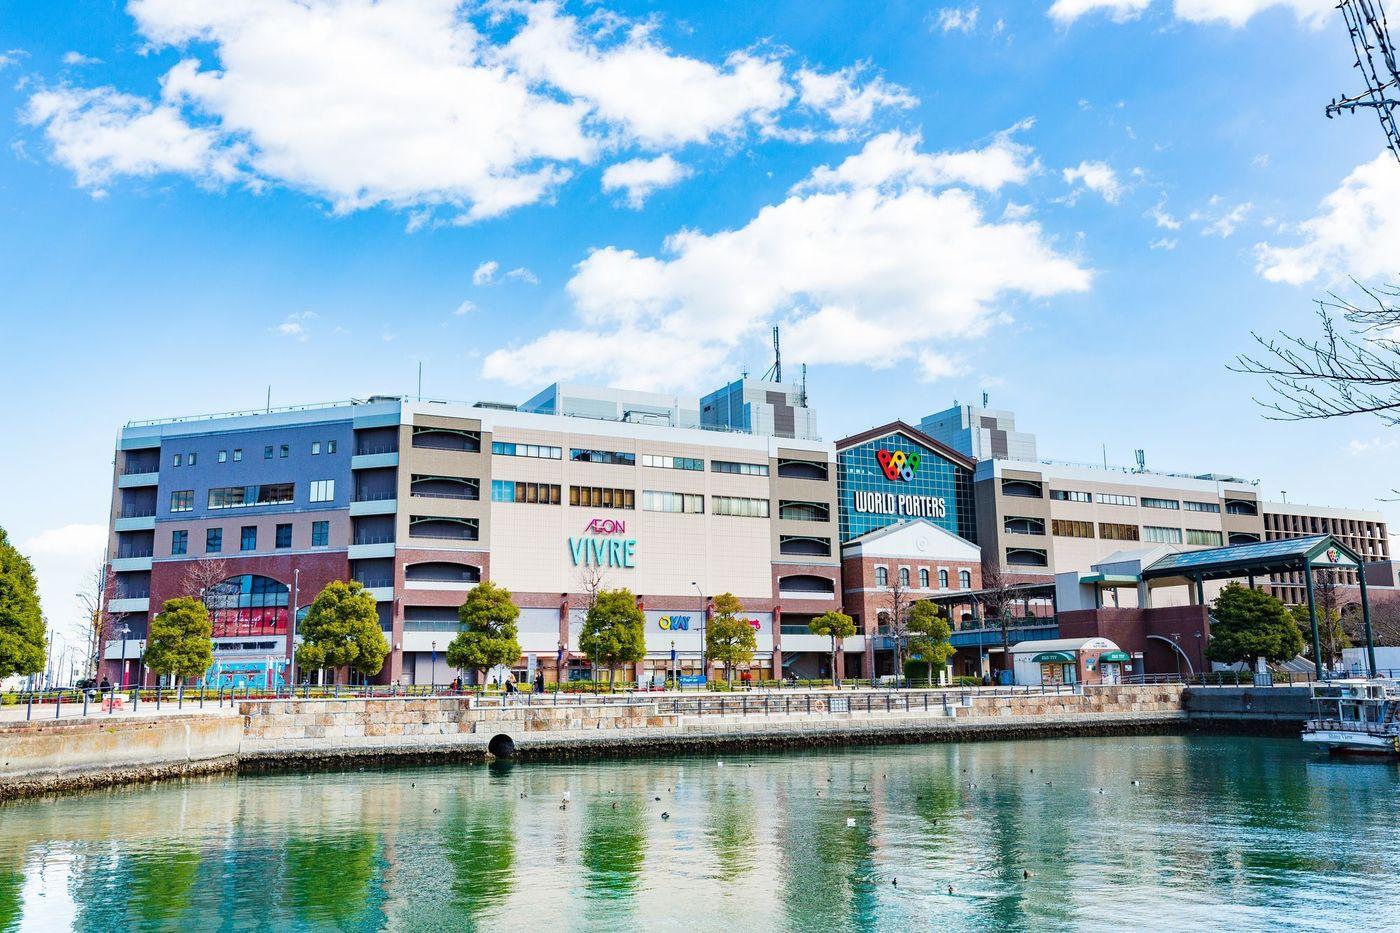 横浜の観光地30選!子供連れにおすすめの穴場&デートで人気スポットの画像